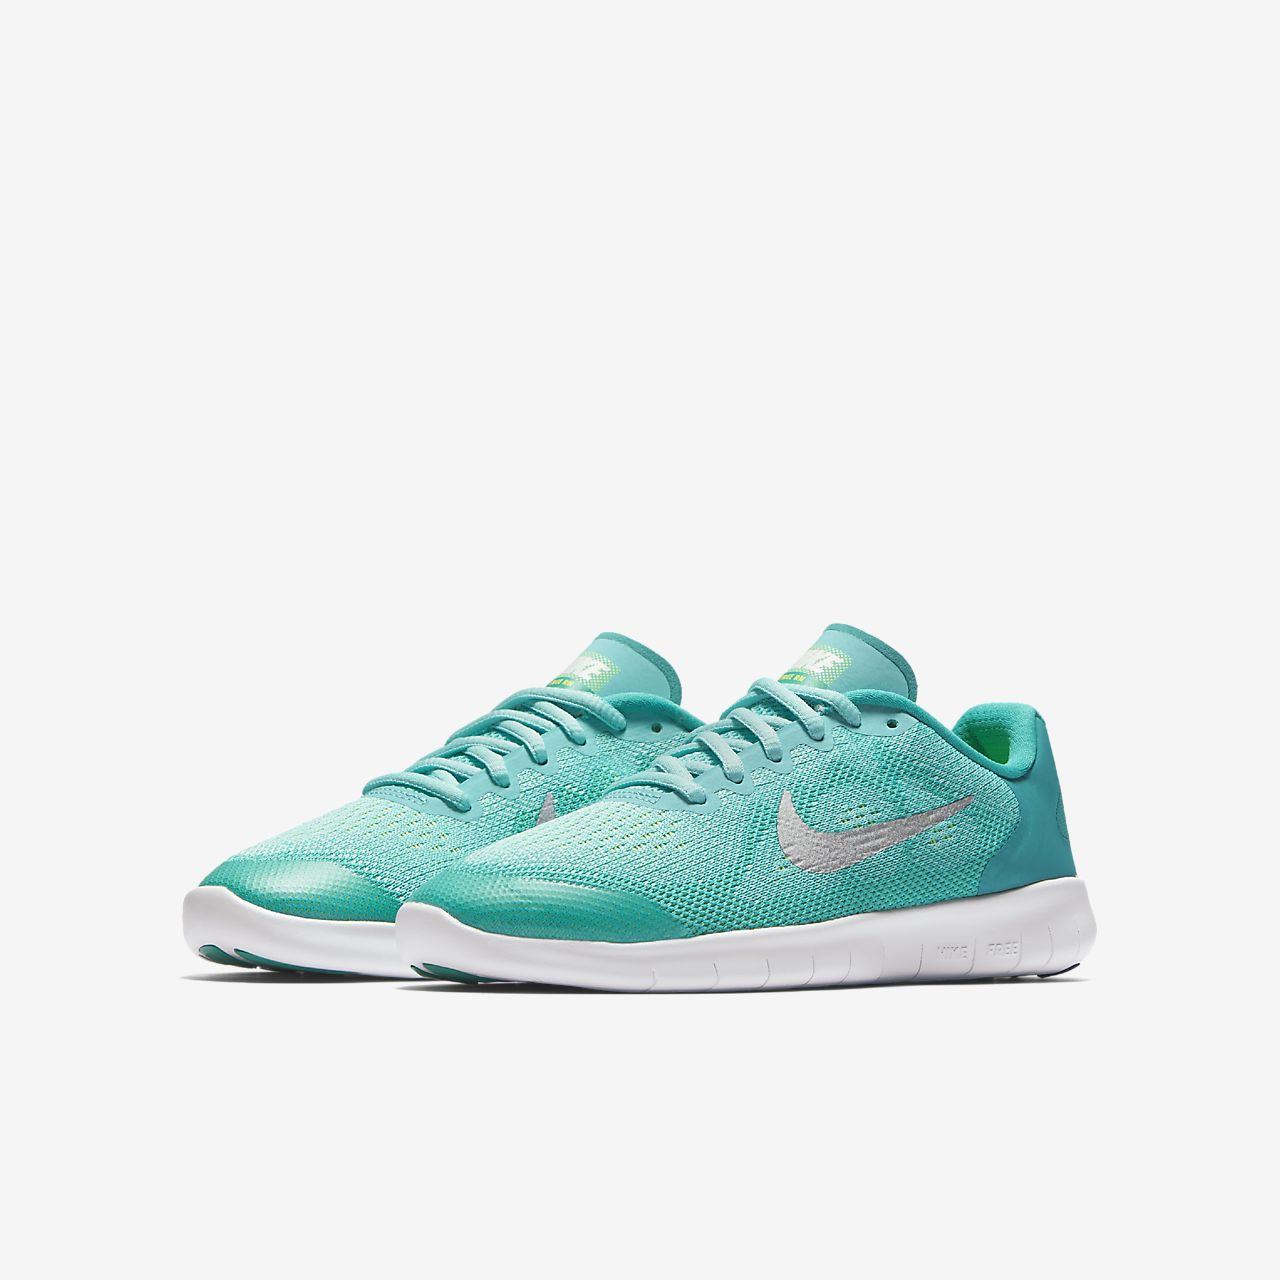 ... Nike Free RN 2017 Big Kids' Running Shoe